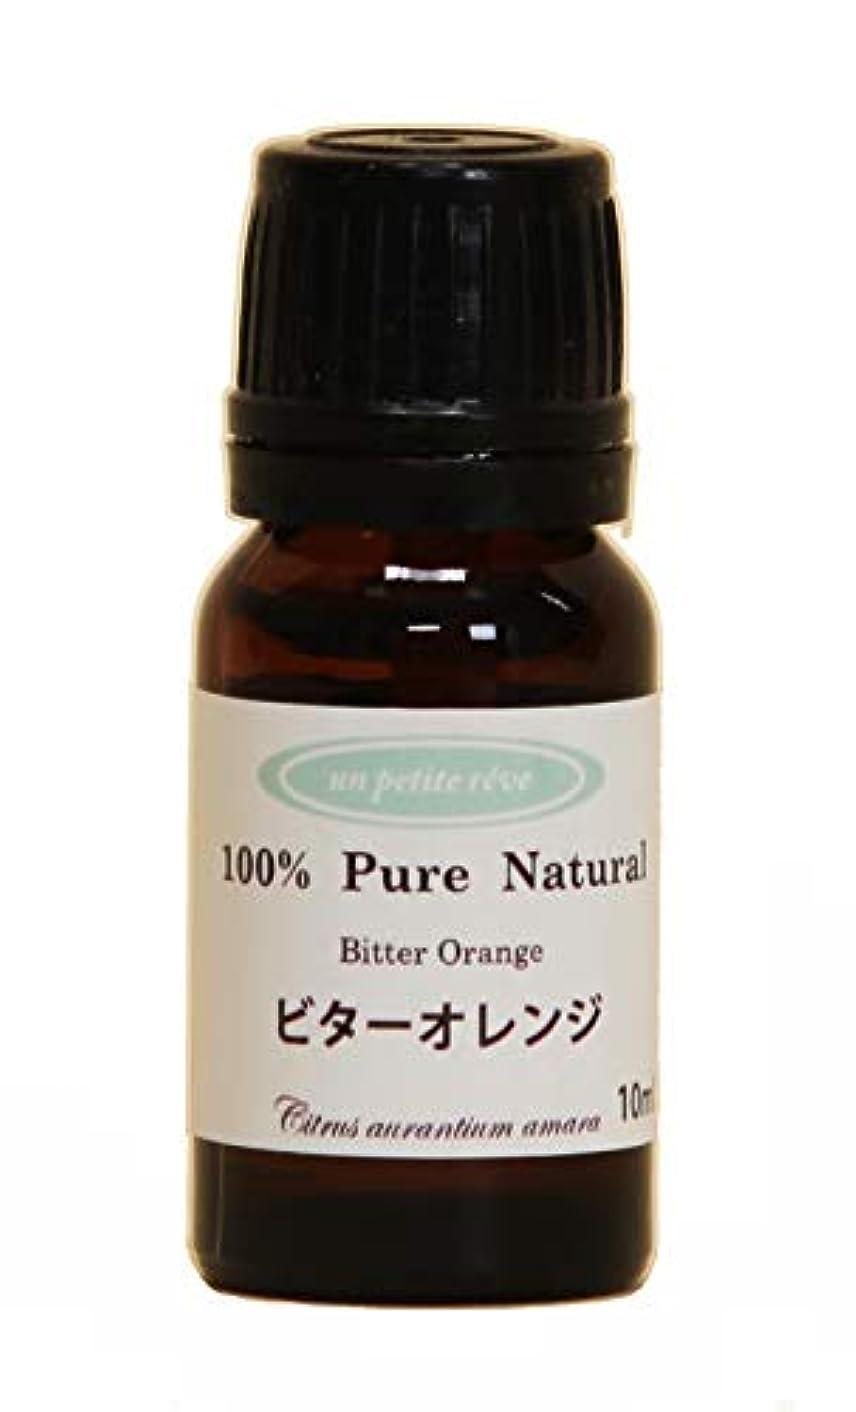 のスコア義務的バルーンビターオレンジ  10ml 100%天然アロマエッセンシャルオイル(精油)